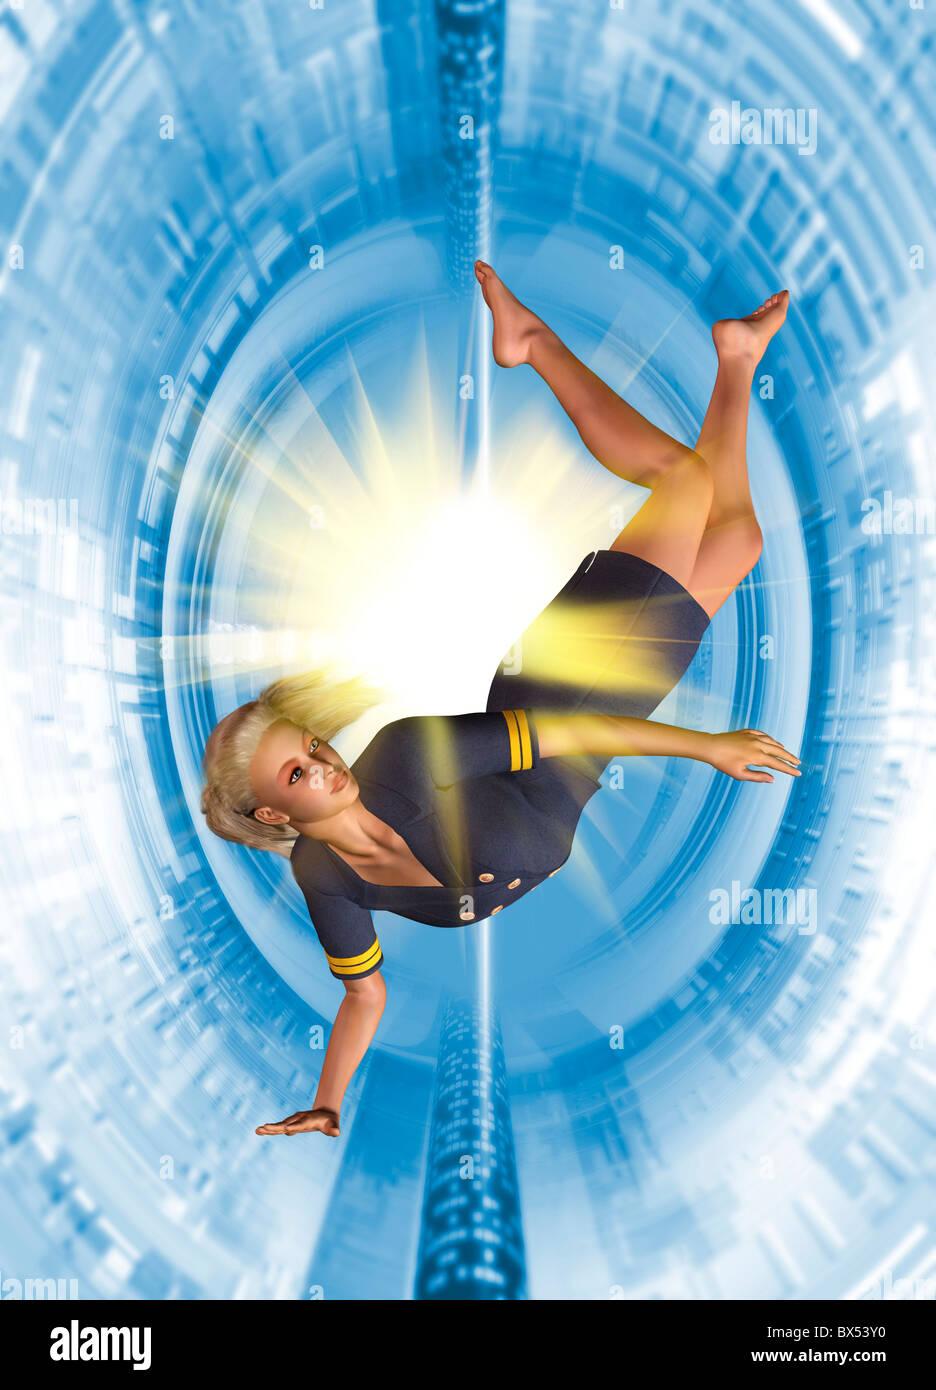 Zero gravity, artwork - Stock Image